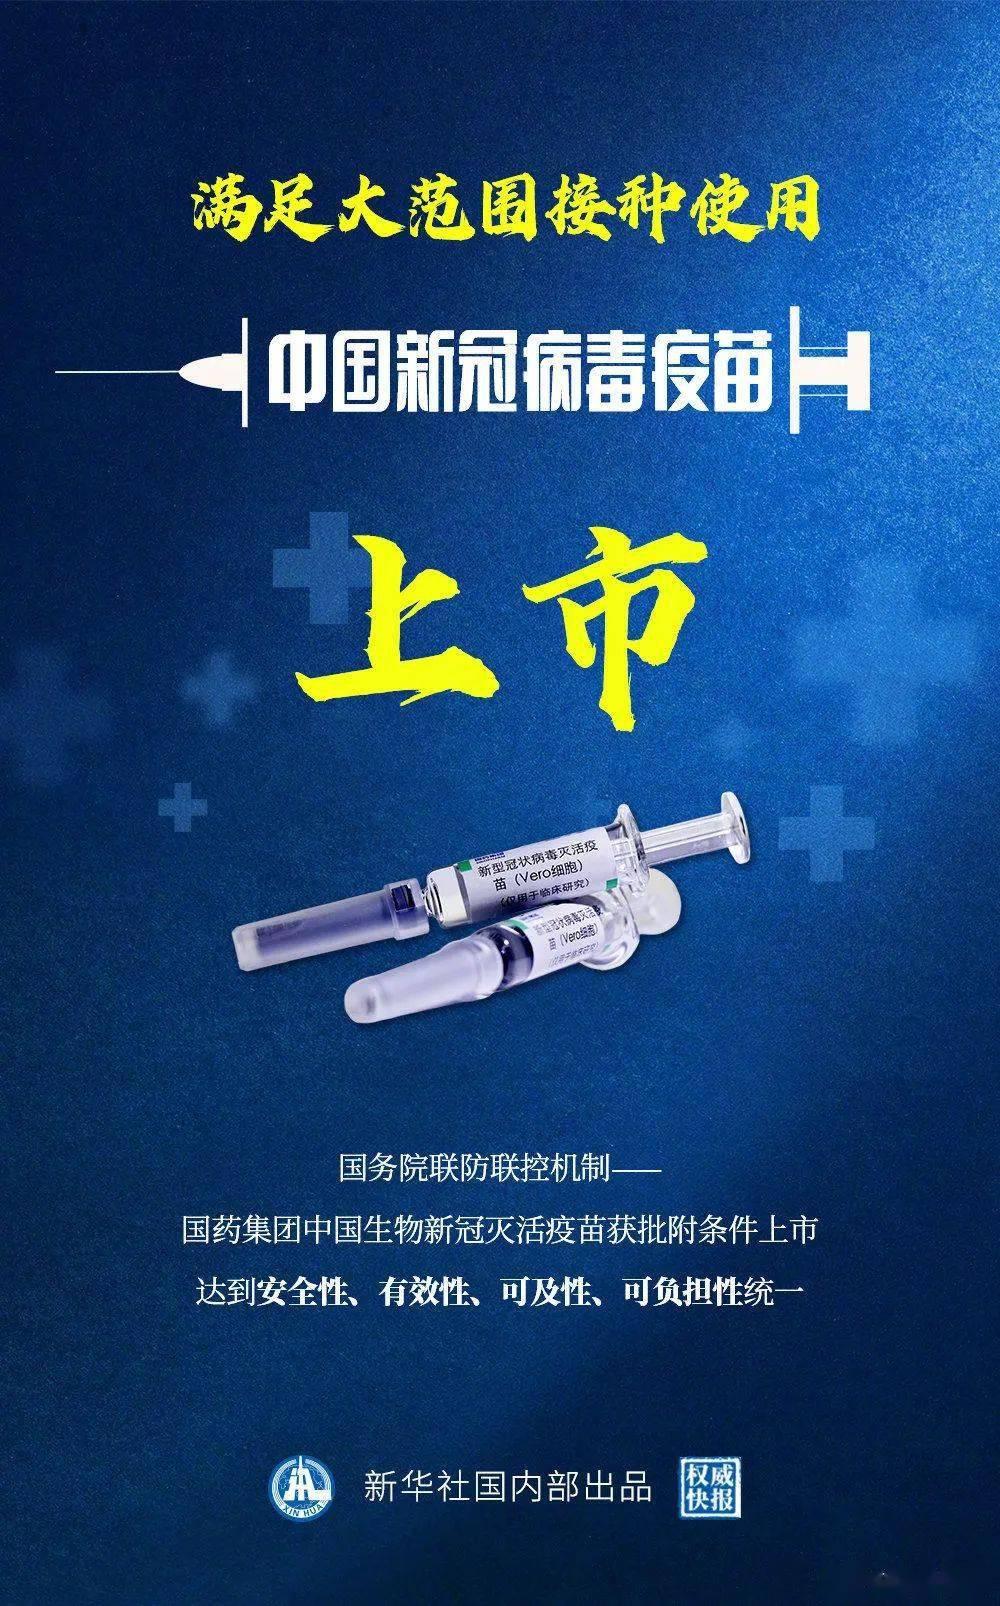 中国出现新冠变种确诊!